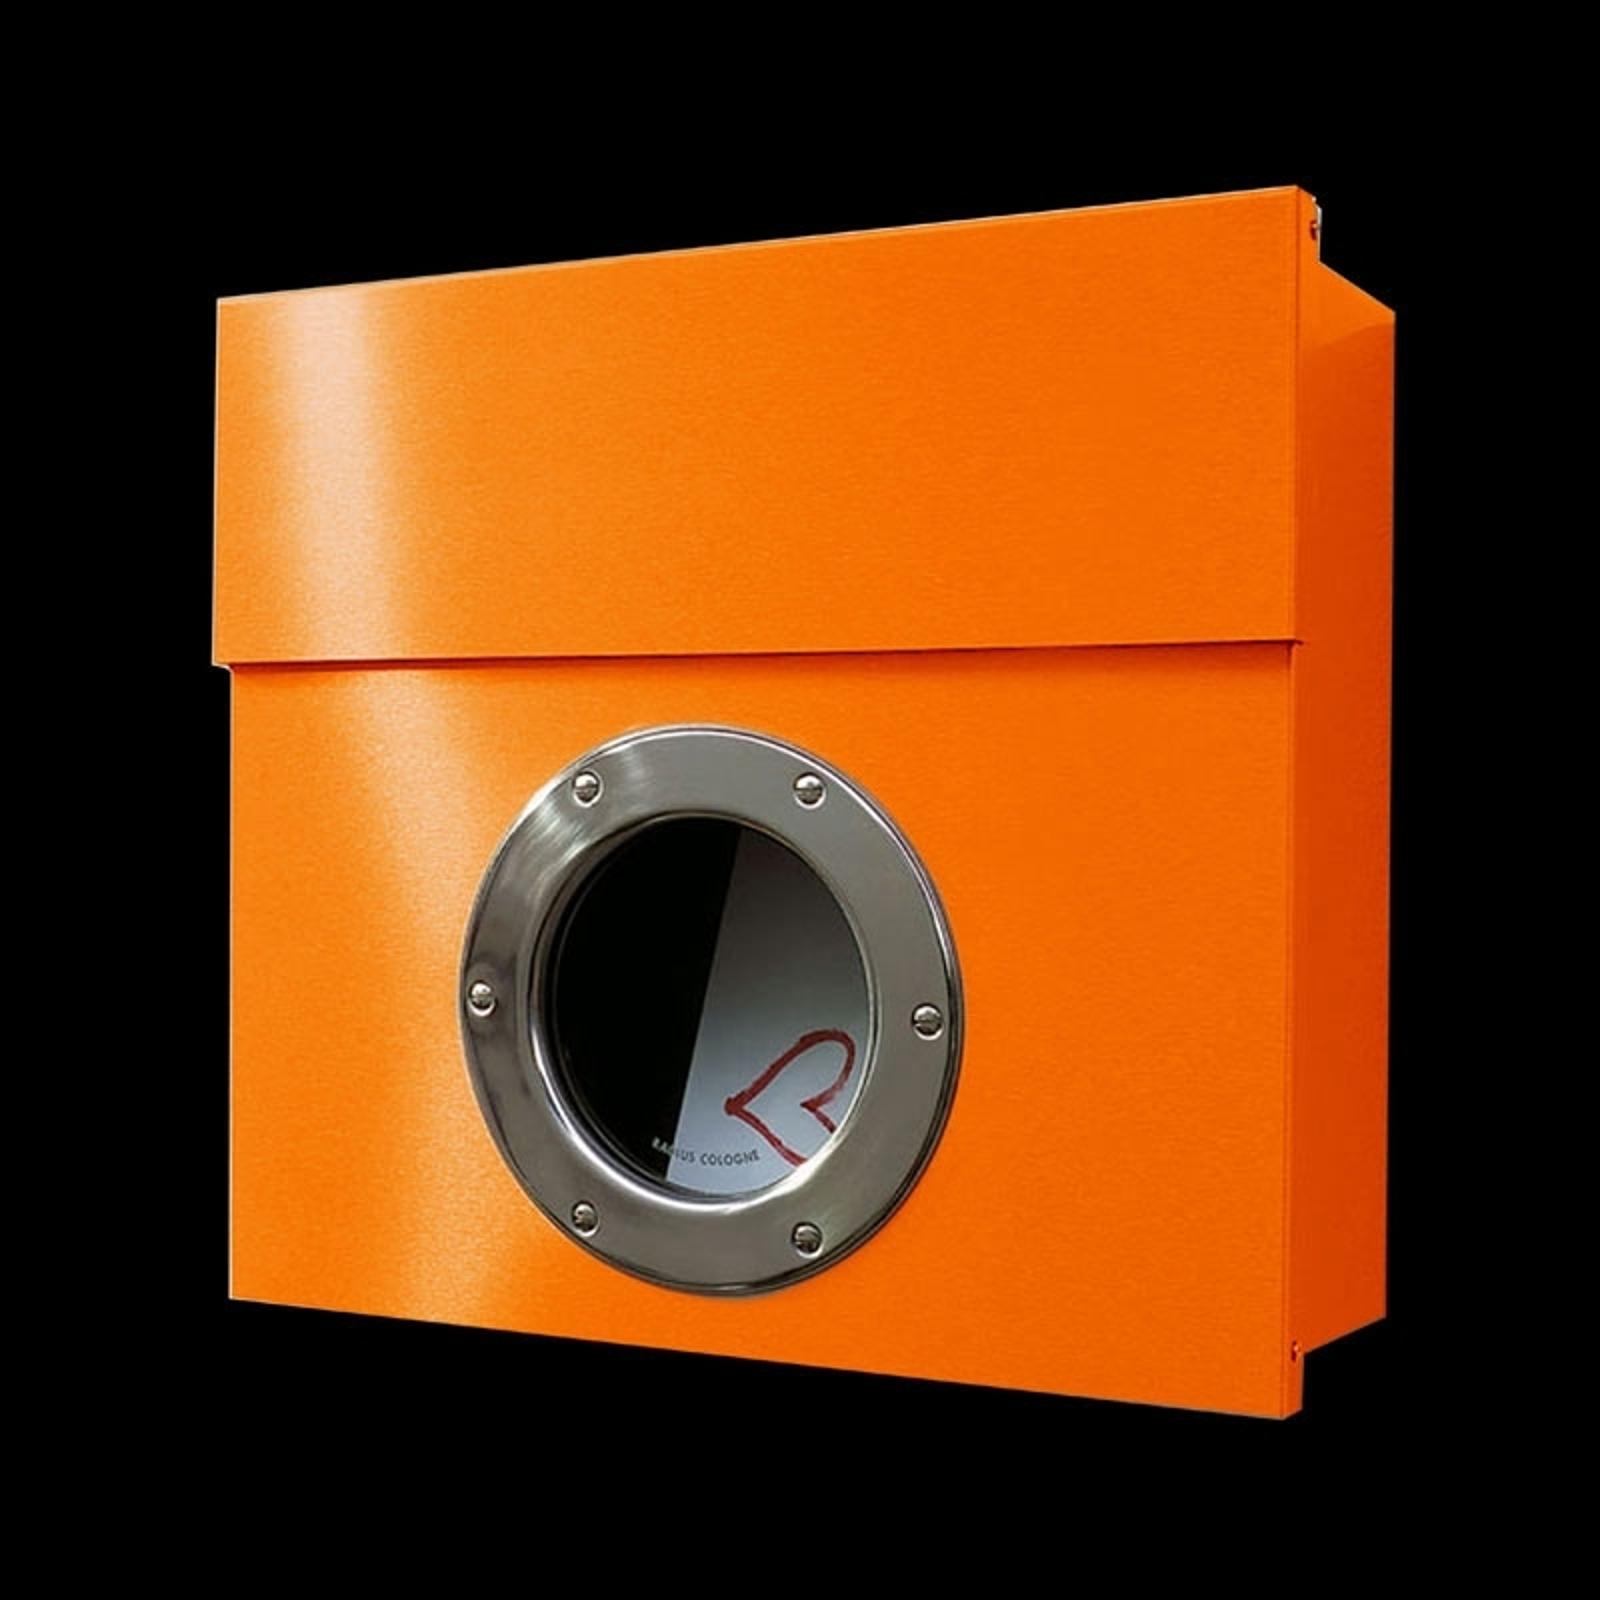 Postkasse Letterman I med utpreget design, oransje